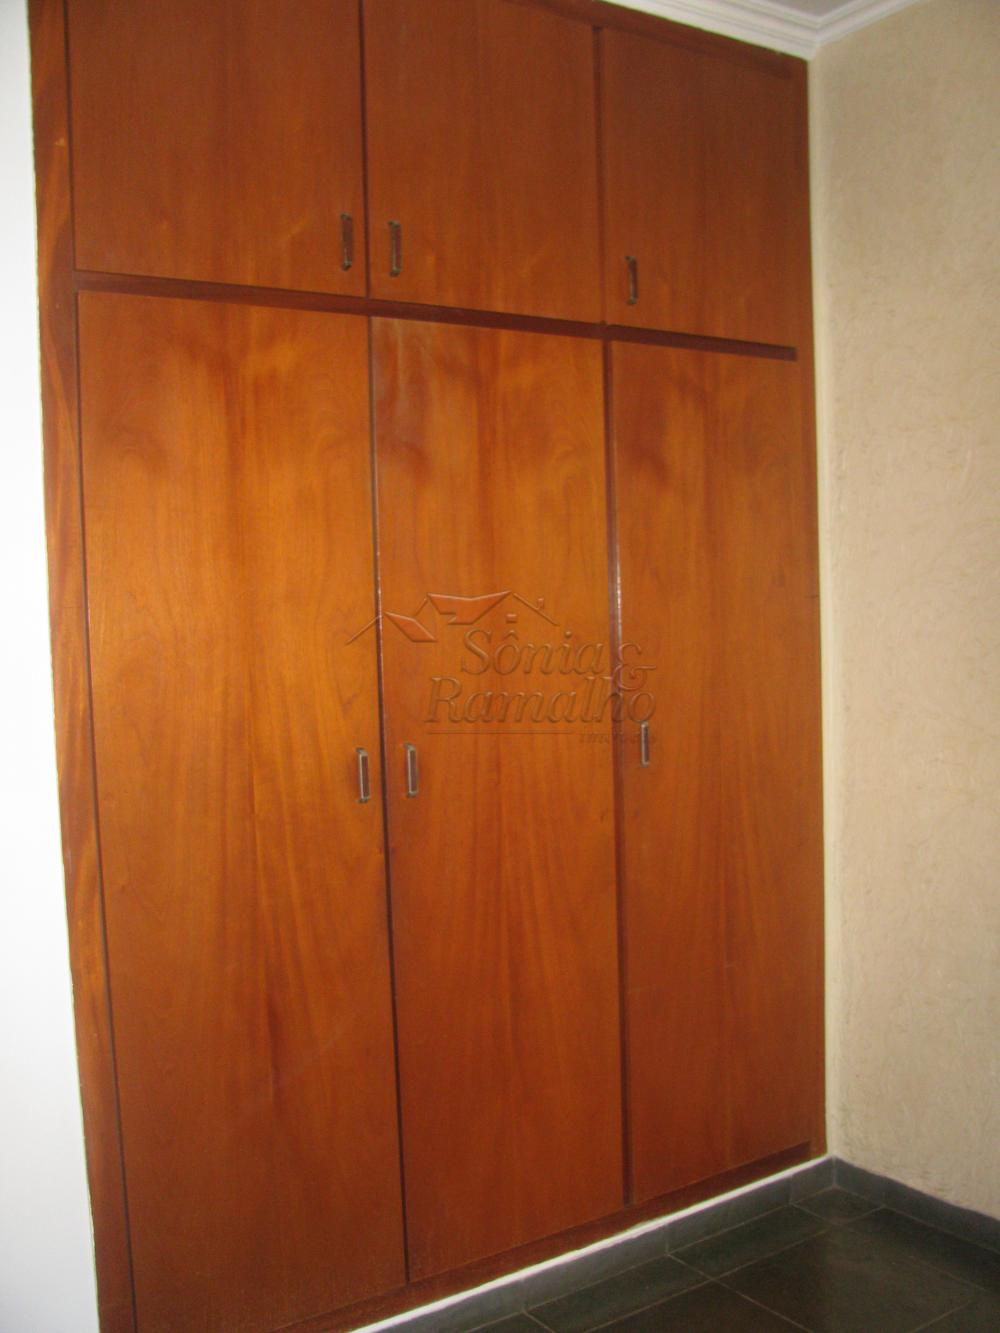 Alugar Apartamentos / Padrão em Ribeirão Preto apenas R$ 850,00 - Foto 9